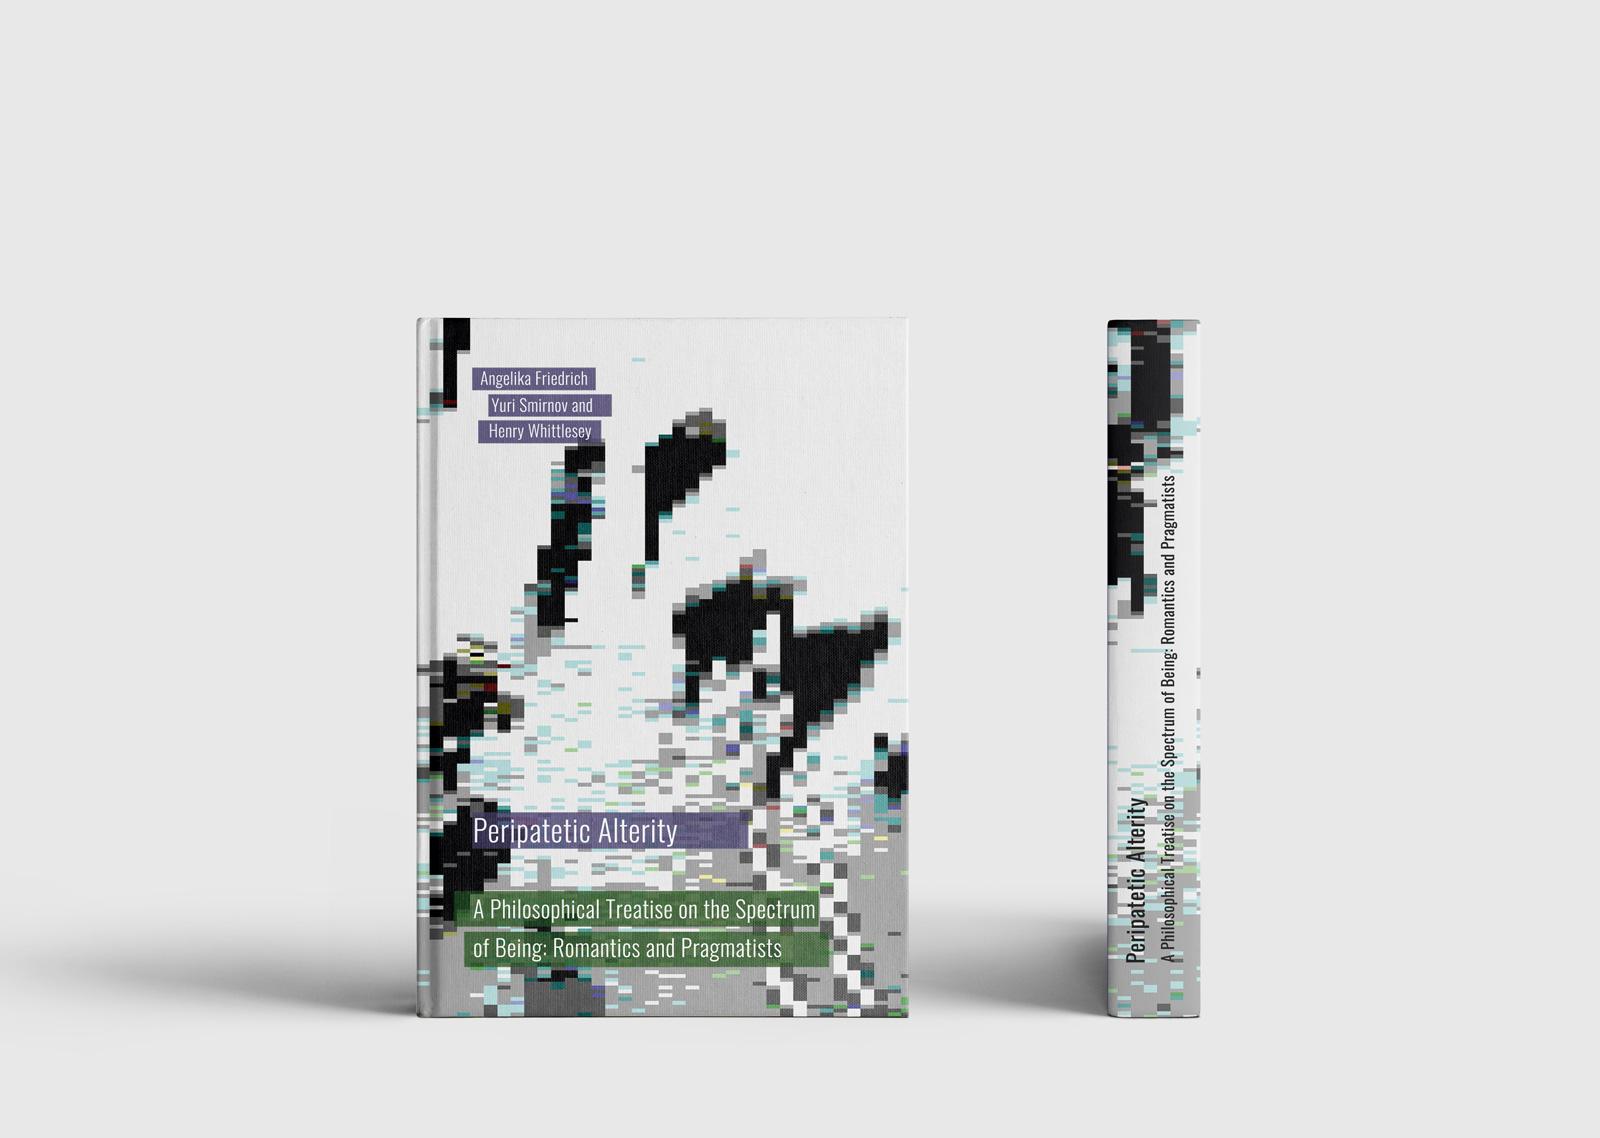 PeripateticAlterity_bookcover_2